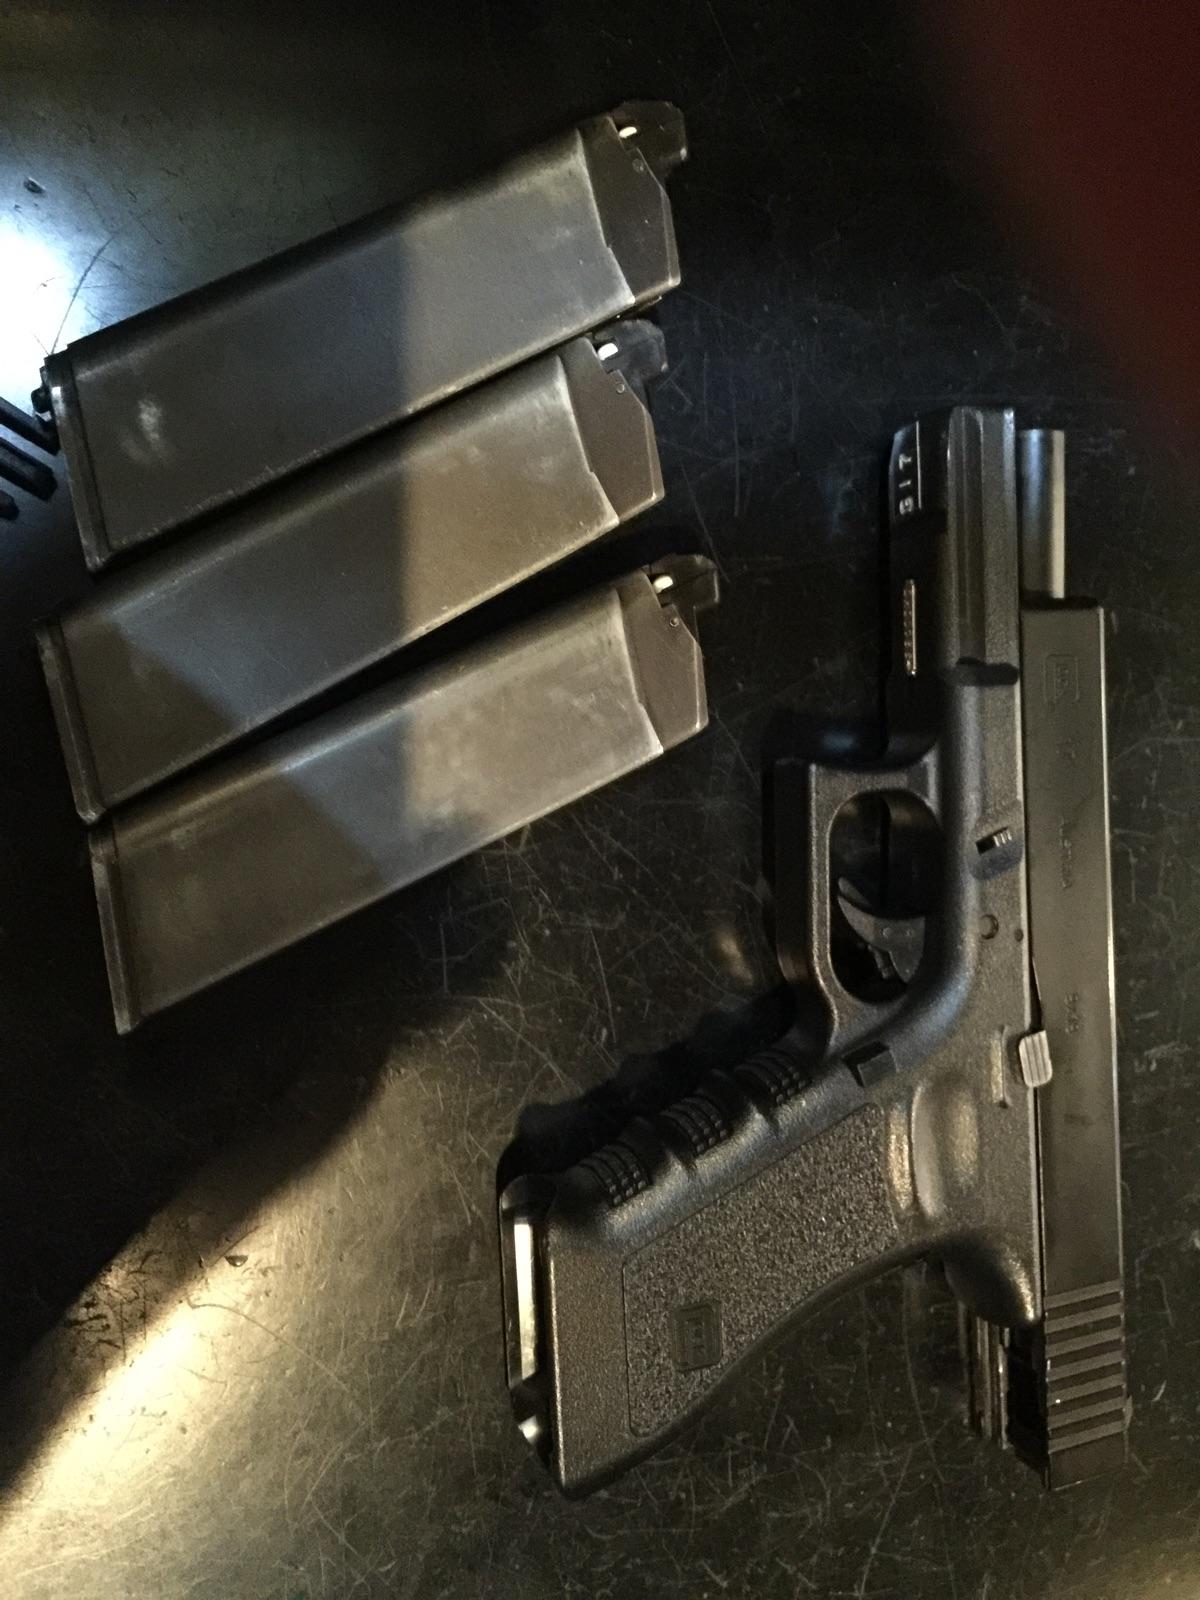 ハンドガンからスナイパーライフルまで!色々なエアガンを撃てる吉祥寺のバー「SHOOTING BAR EA」